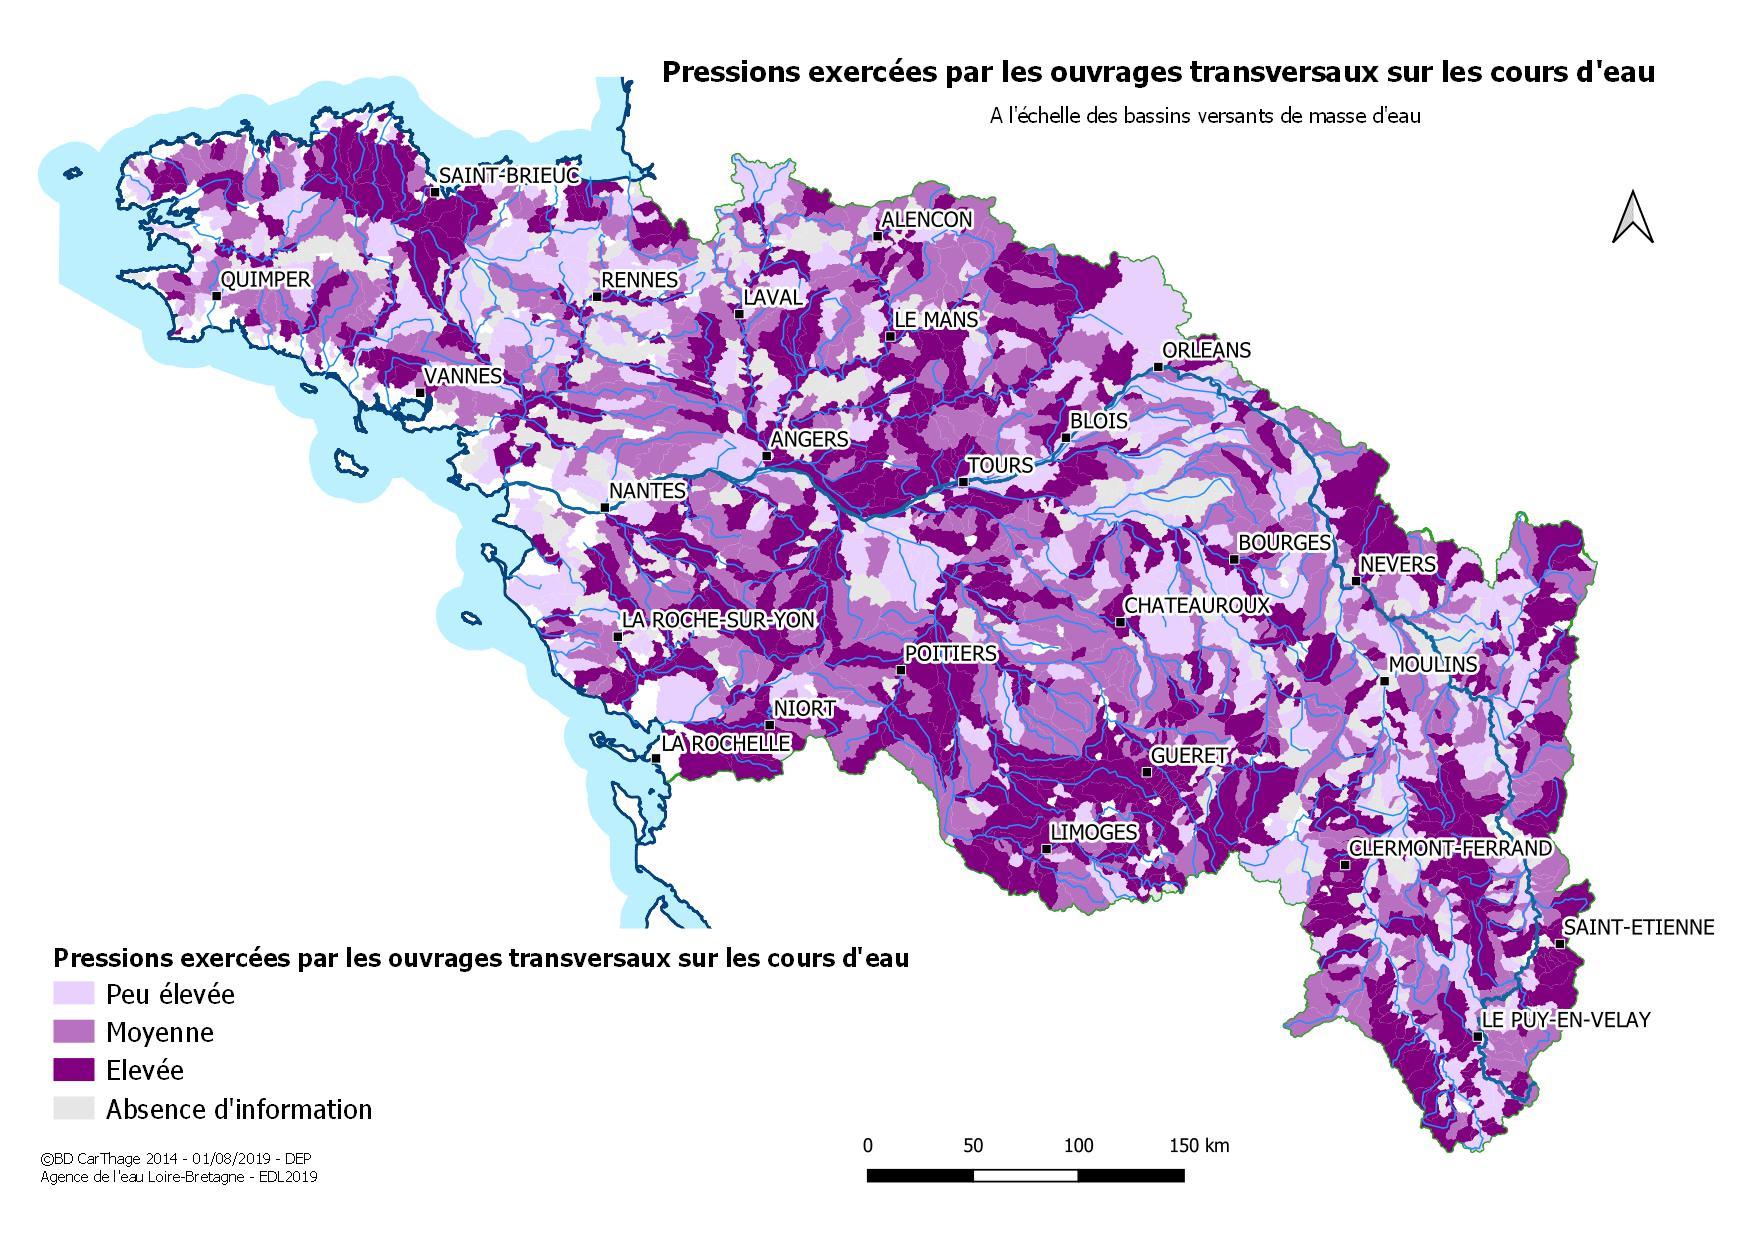 Pressions exercées par les ouvrages transversaux sur les cours d'eau